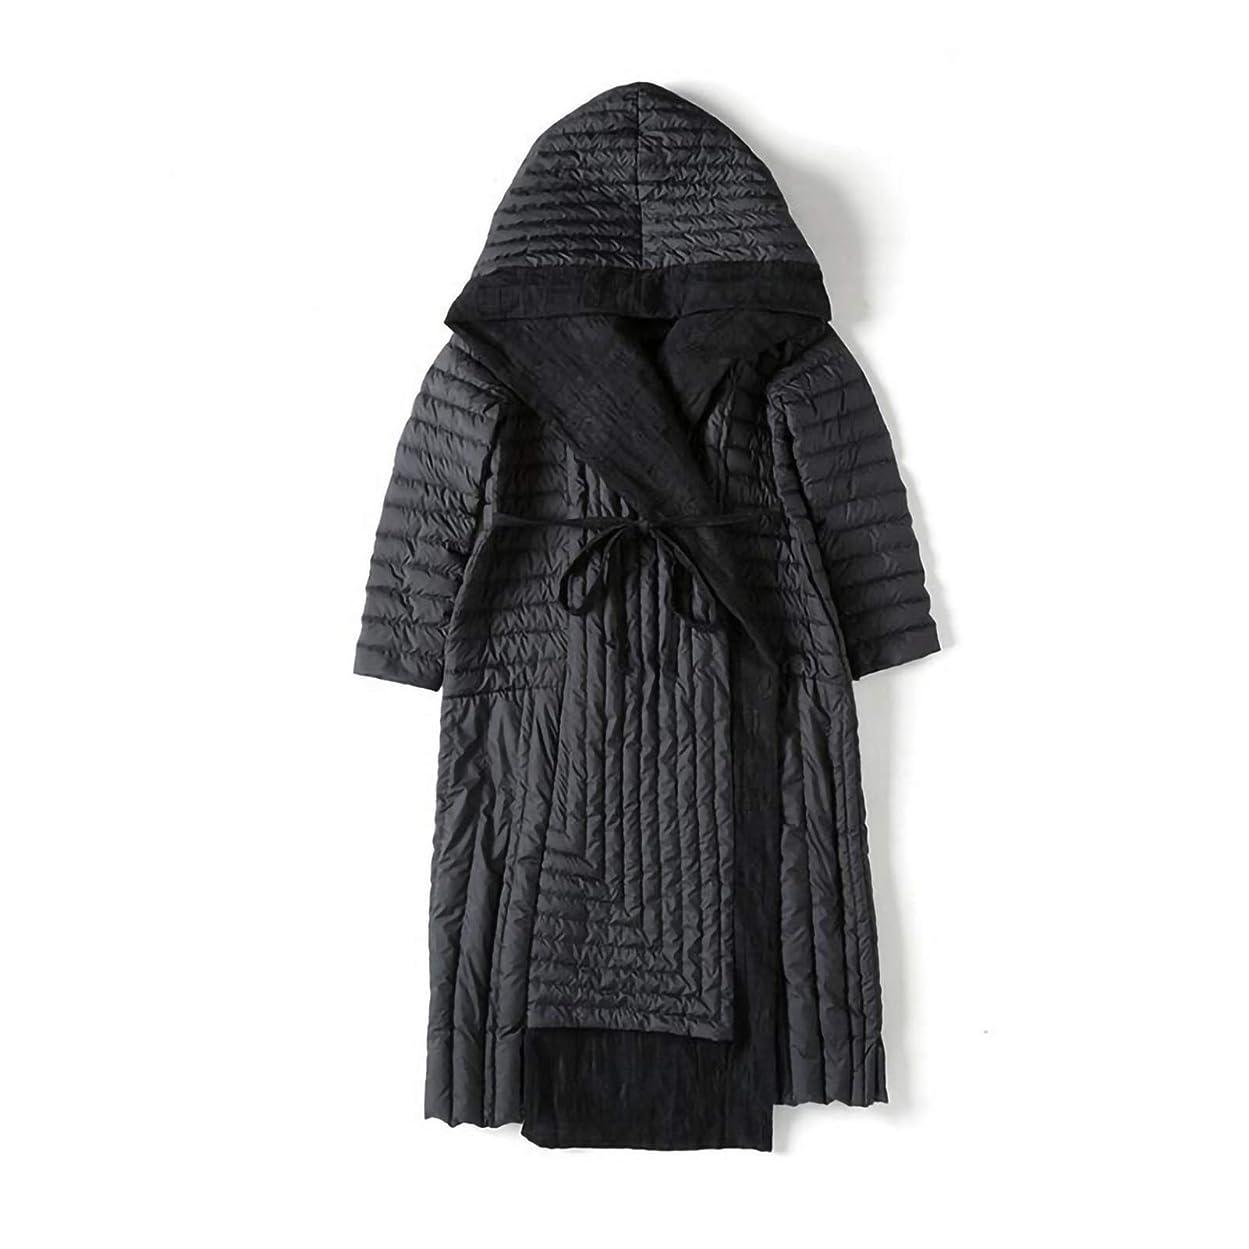 寝てるにぎやかチャールズキージング女性のダウンジャケット、中長さは、冬のジャケット防風、暖かい、冷たい雨や雪で通勤に適した大規模かつ厚いカジュアルジャケットを、緩いジャケットフード付き (Color : Black, Size : Medium)